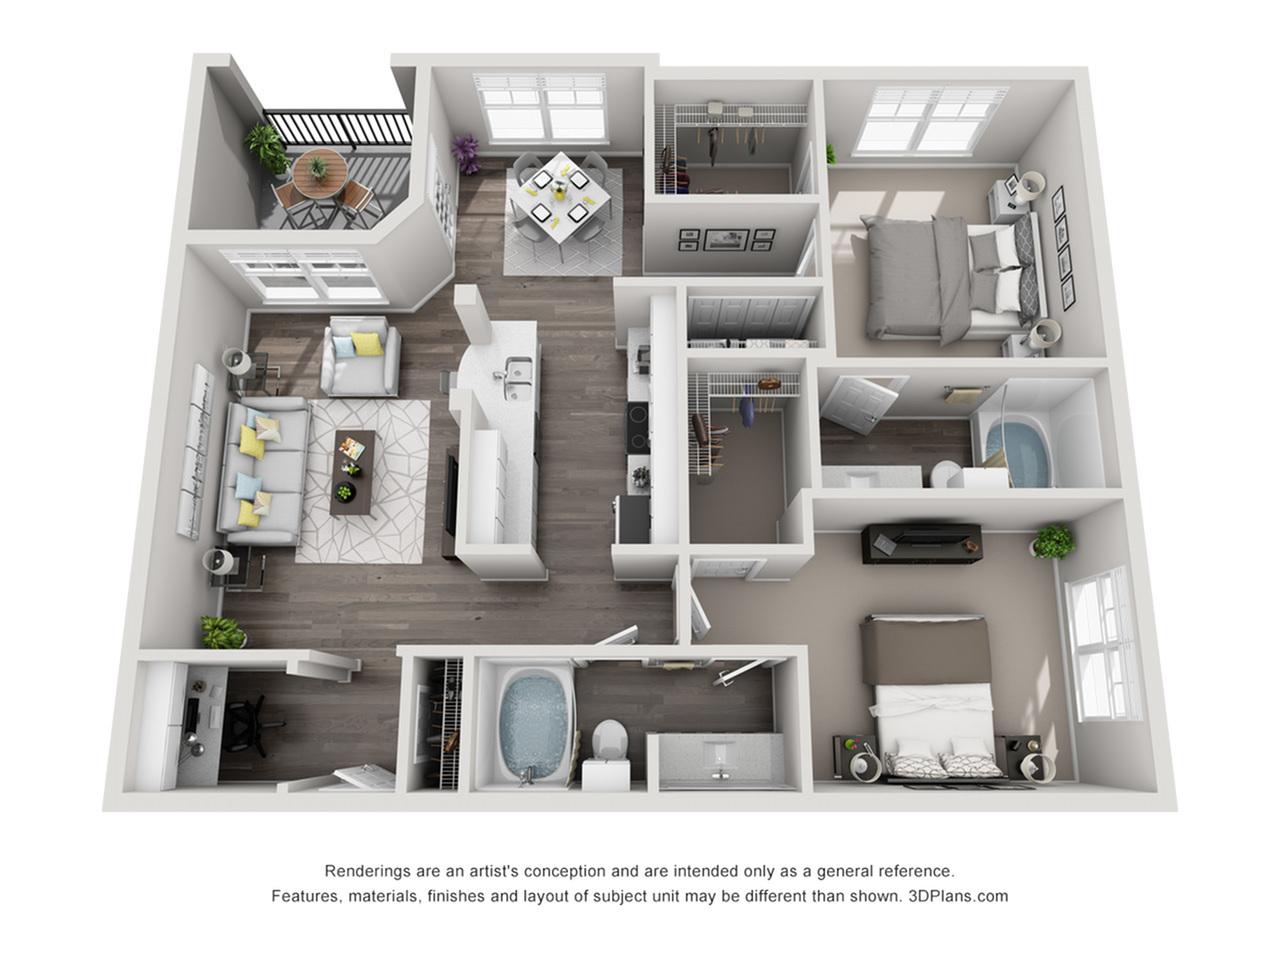 Two bedroom apartment in Perimeter Atlanta